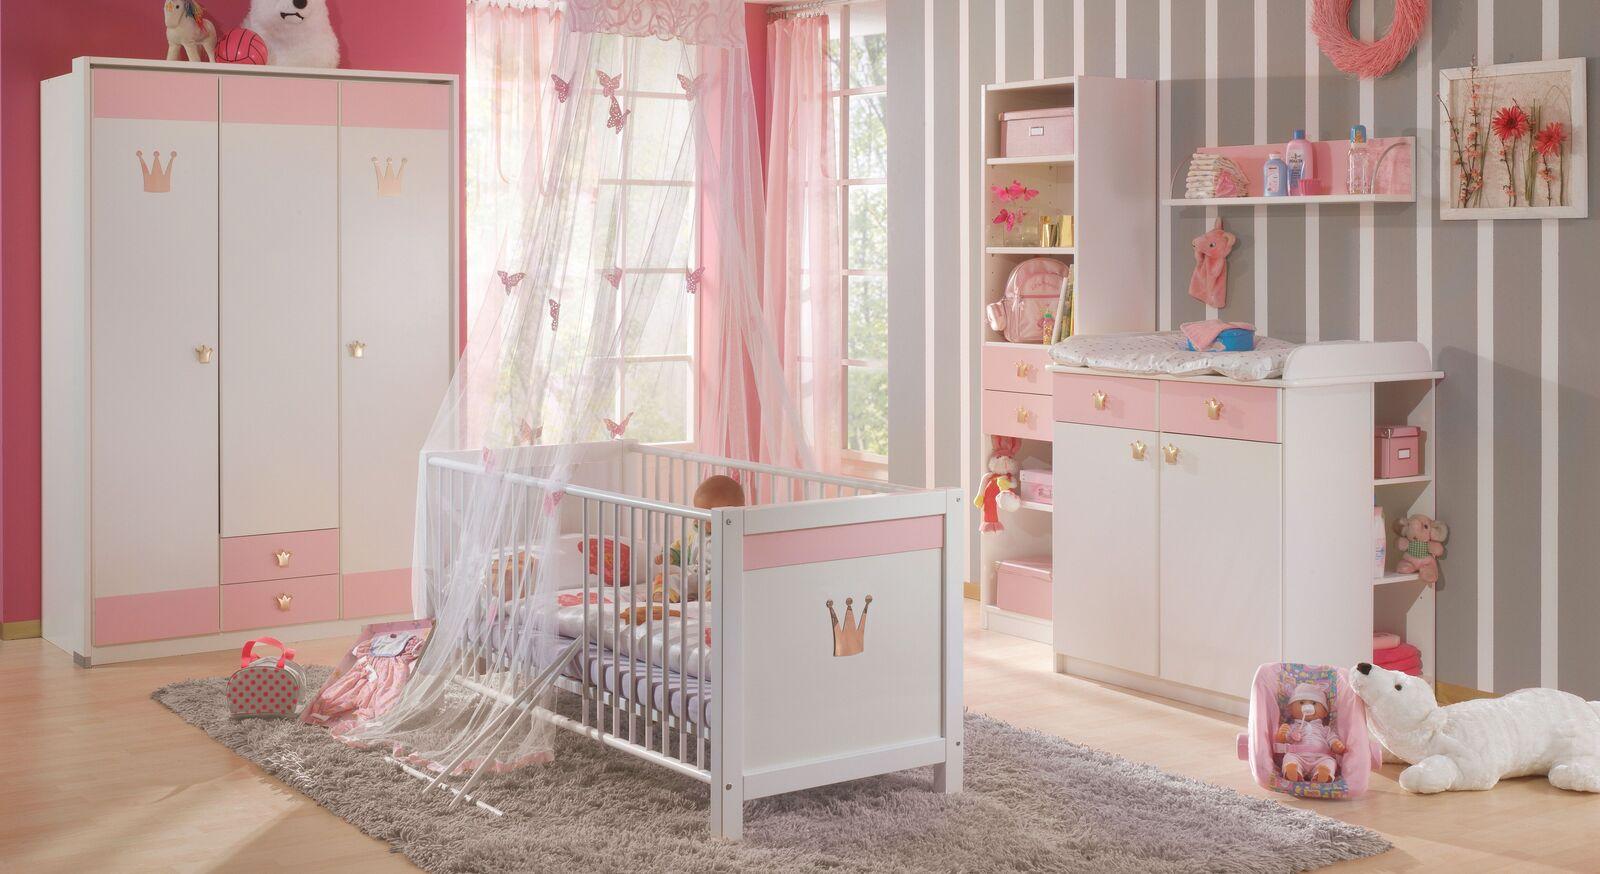 kinder kleiderschrank f r m dchen in wei ros und gold. Black Bedroom Furniture Sets. Home Design Ideas